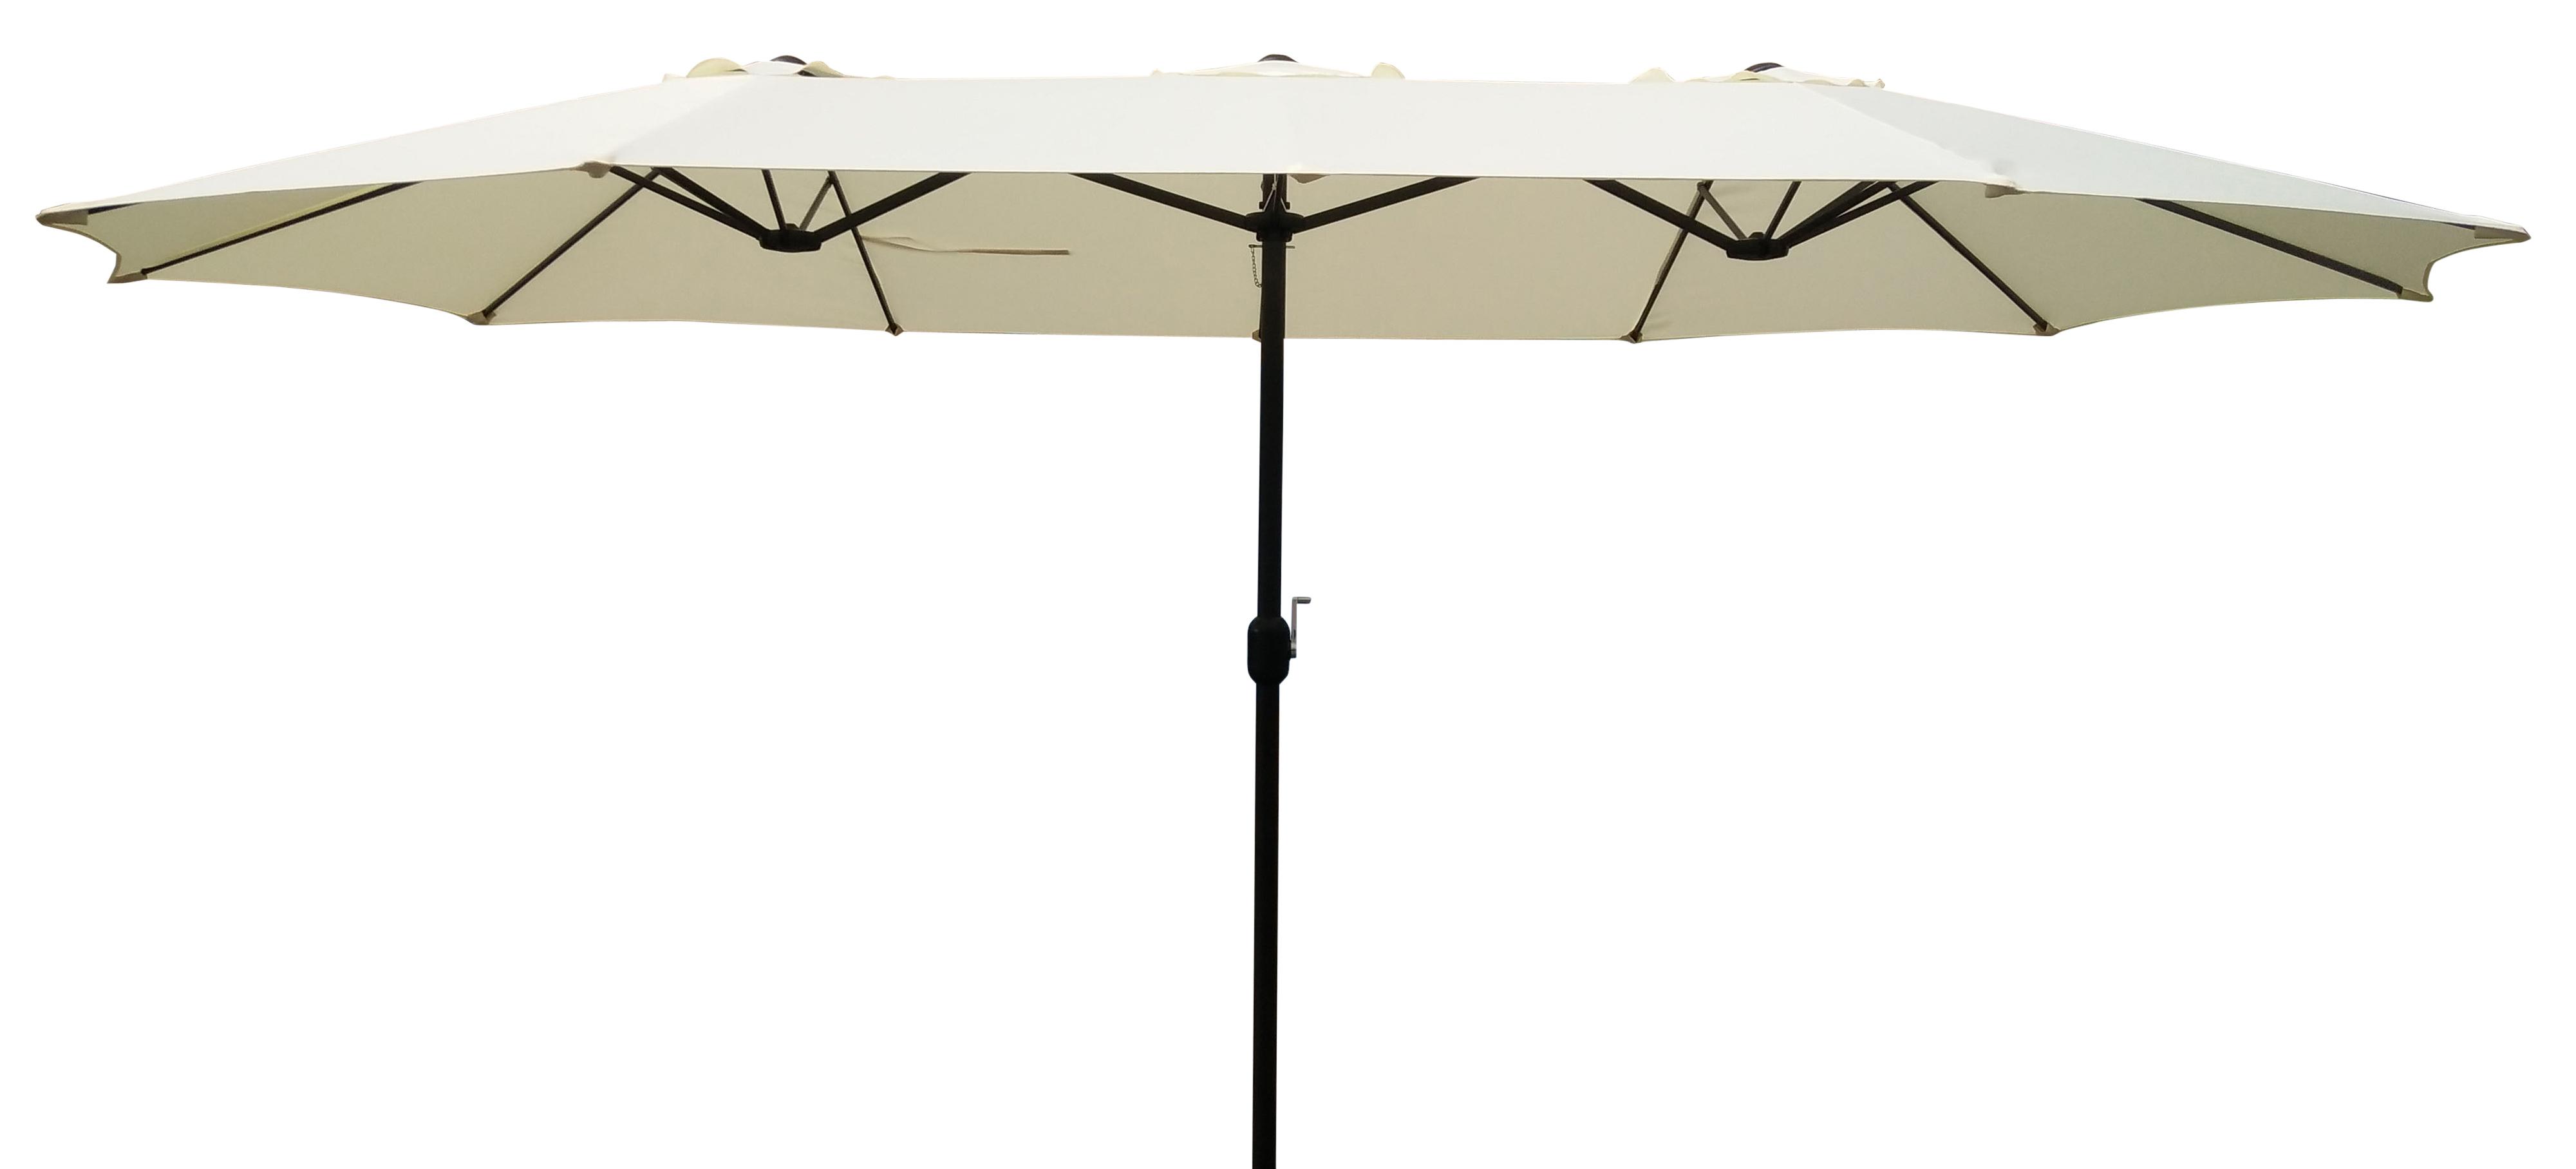 Billig parasol